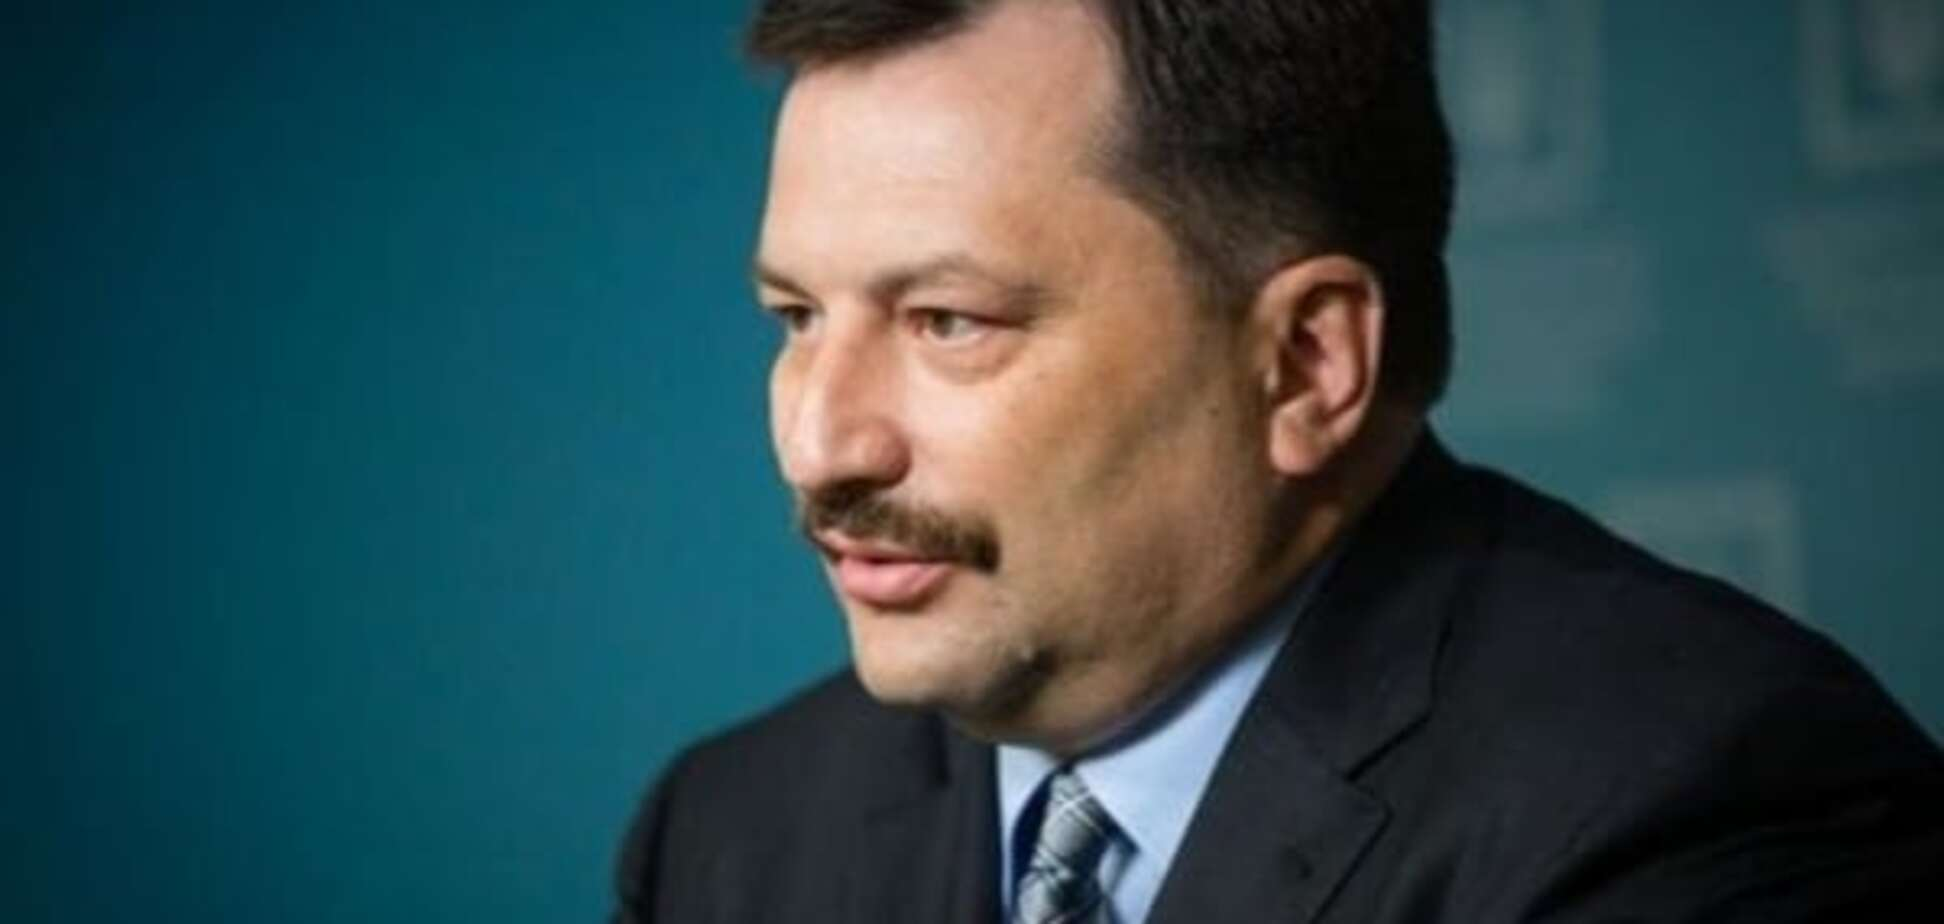 Гибель Таранова: полиция открыла уголовное производство